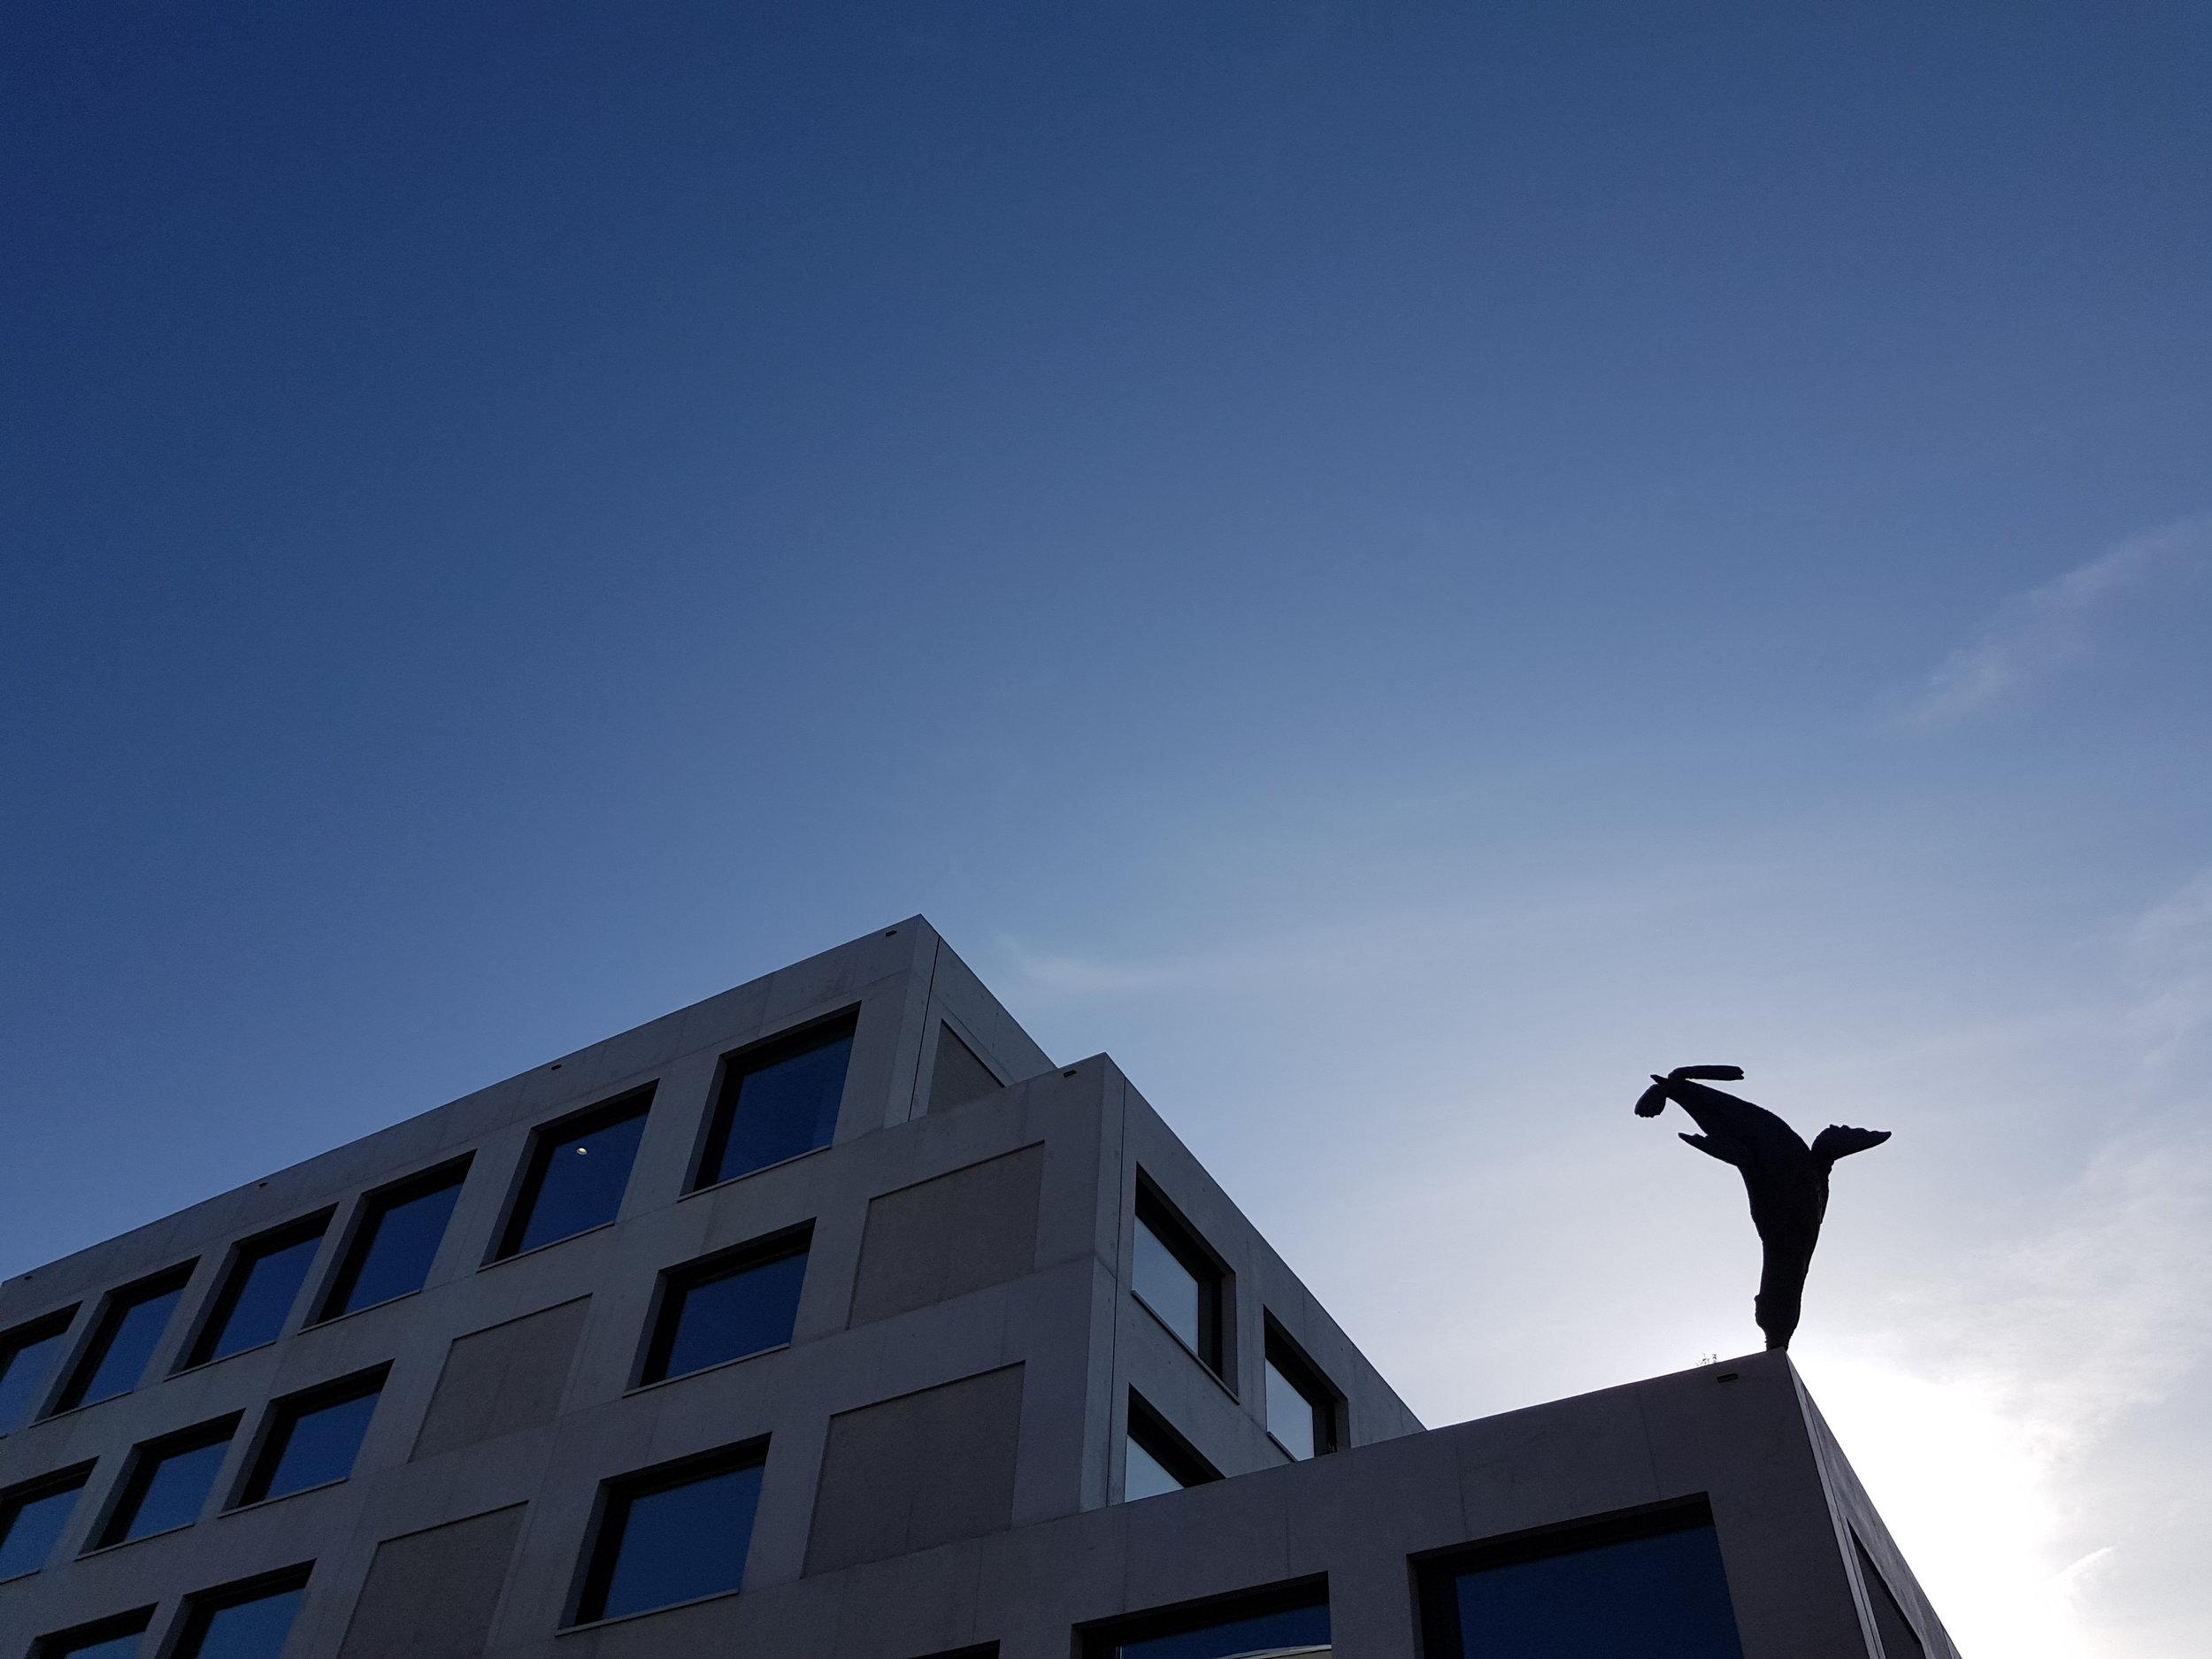 """Kunst und Bau: """"Seelöwe"""" von Urs Cavelti, Bild: hübschergestaltet GmbH  Das Erlenmattschulhaus in Basel ist bald fertig. Gemeinsam mit Luca Selva Architekten aus Basel haben wir ein Lichtkonzept über alle Räume entwickelt. Wir bedanken uns herzlich für die sehr angenehme Zusammenarbeit und freuen uns auf das tolle Ergebnis.  Projektdetails:  Neubau Primarschule und Sporthalle Erlenmatt Projektwettbewerb im offenen Verfahren Auftraggeber: Kanton Basel-Stadt"""